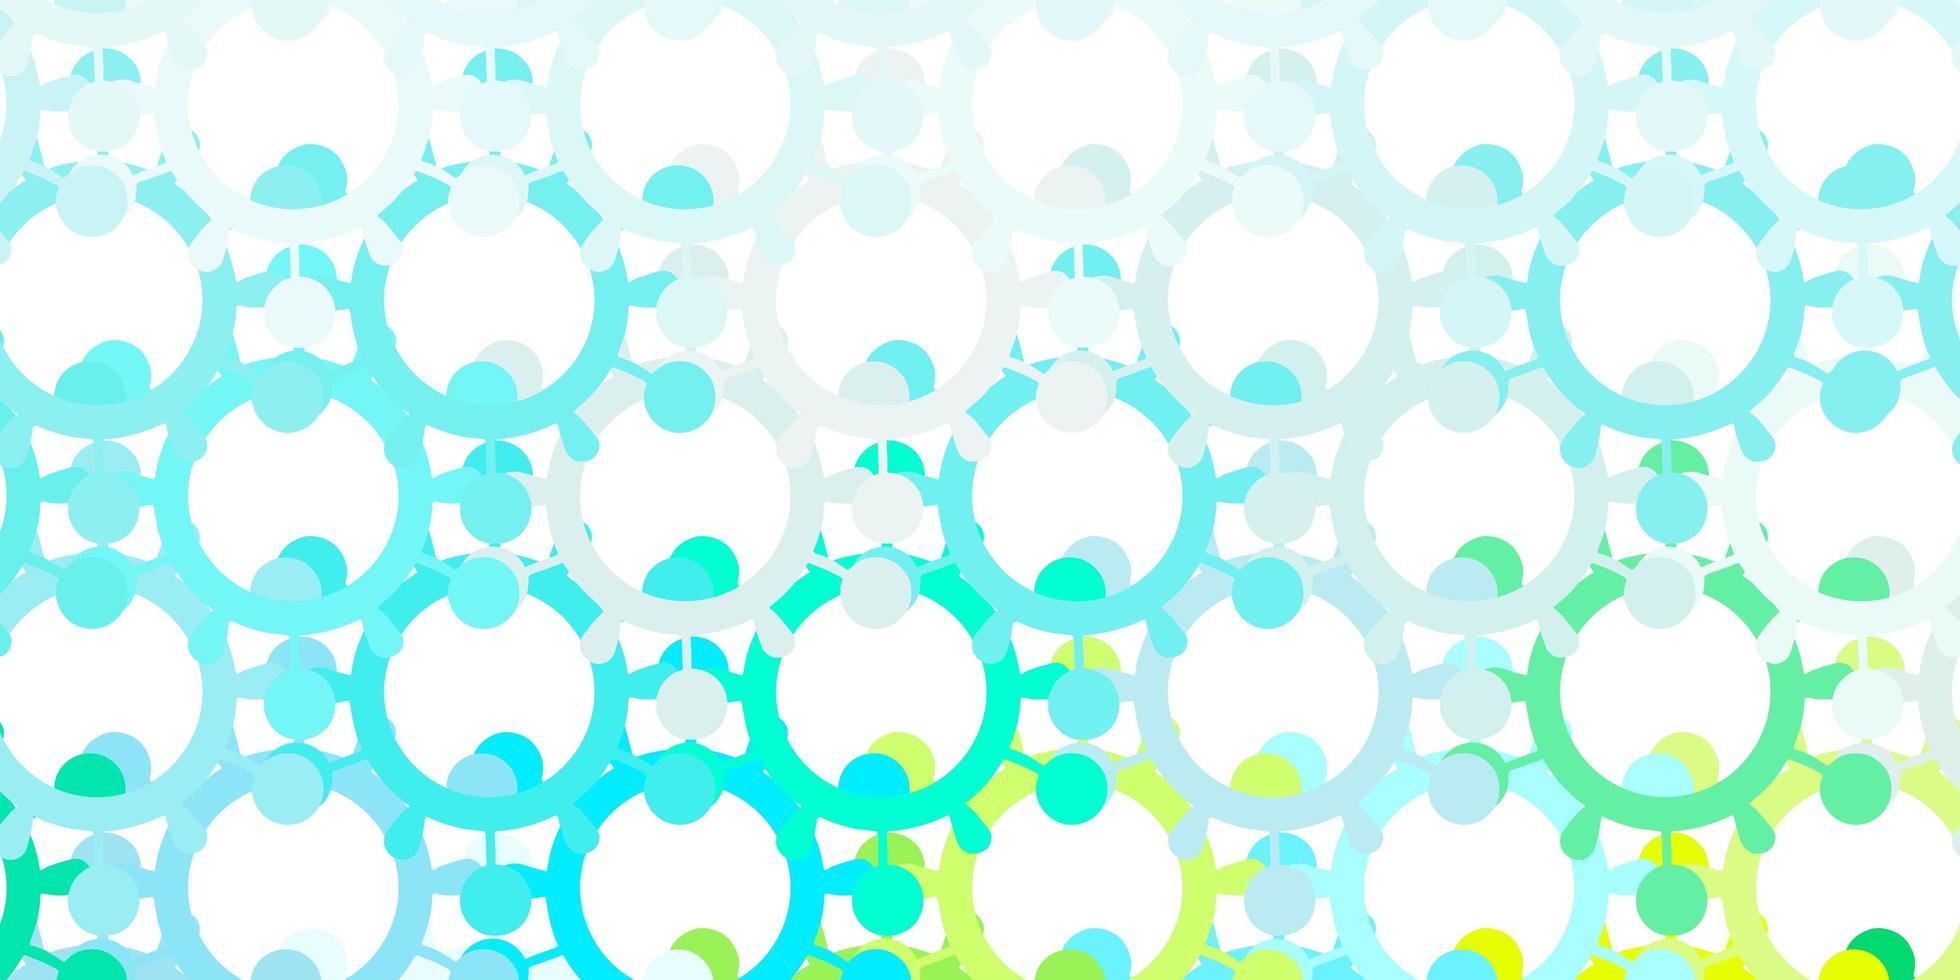 Fondo de vector azul claro, verde con símbolos covid-19